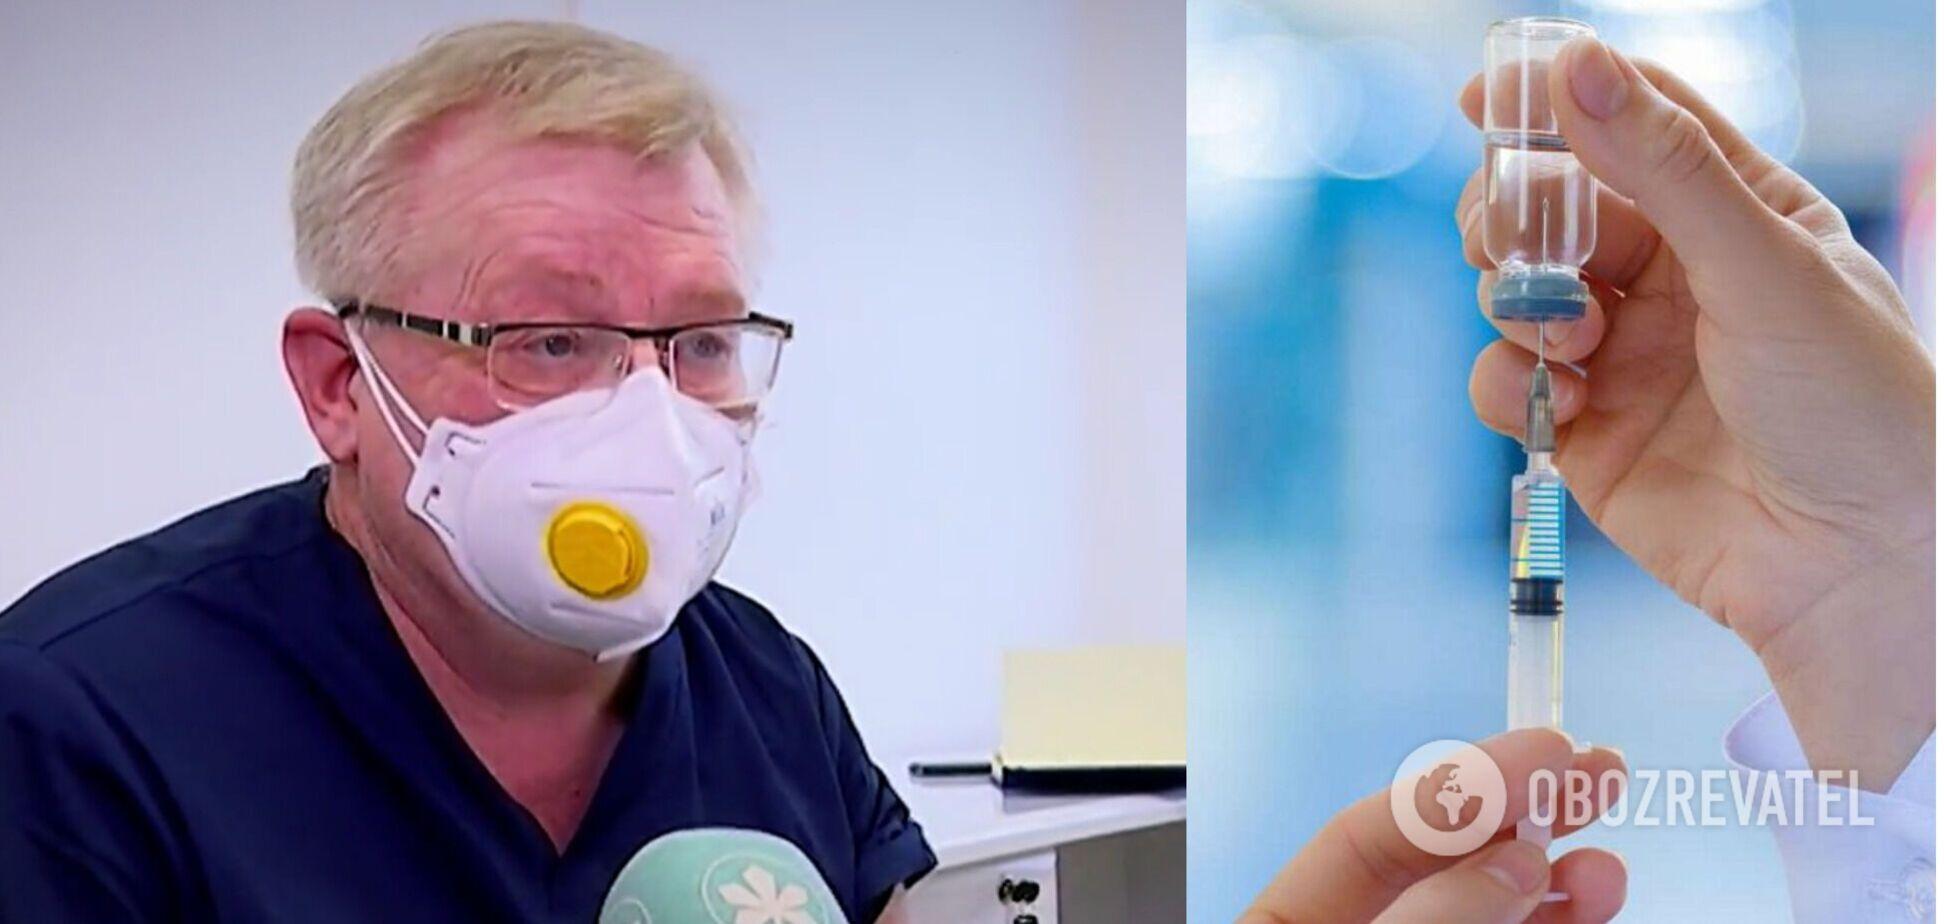 Врач из Киева, первым получивший прививку: остановить COVID-19 можно только массовой вакцинацией